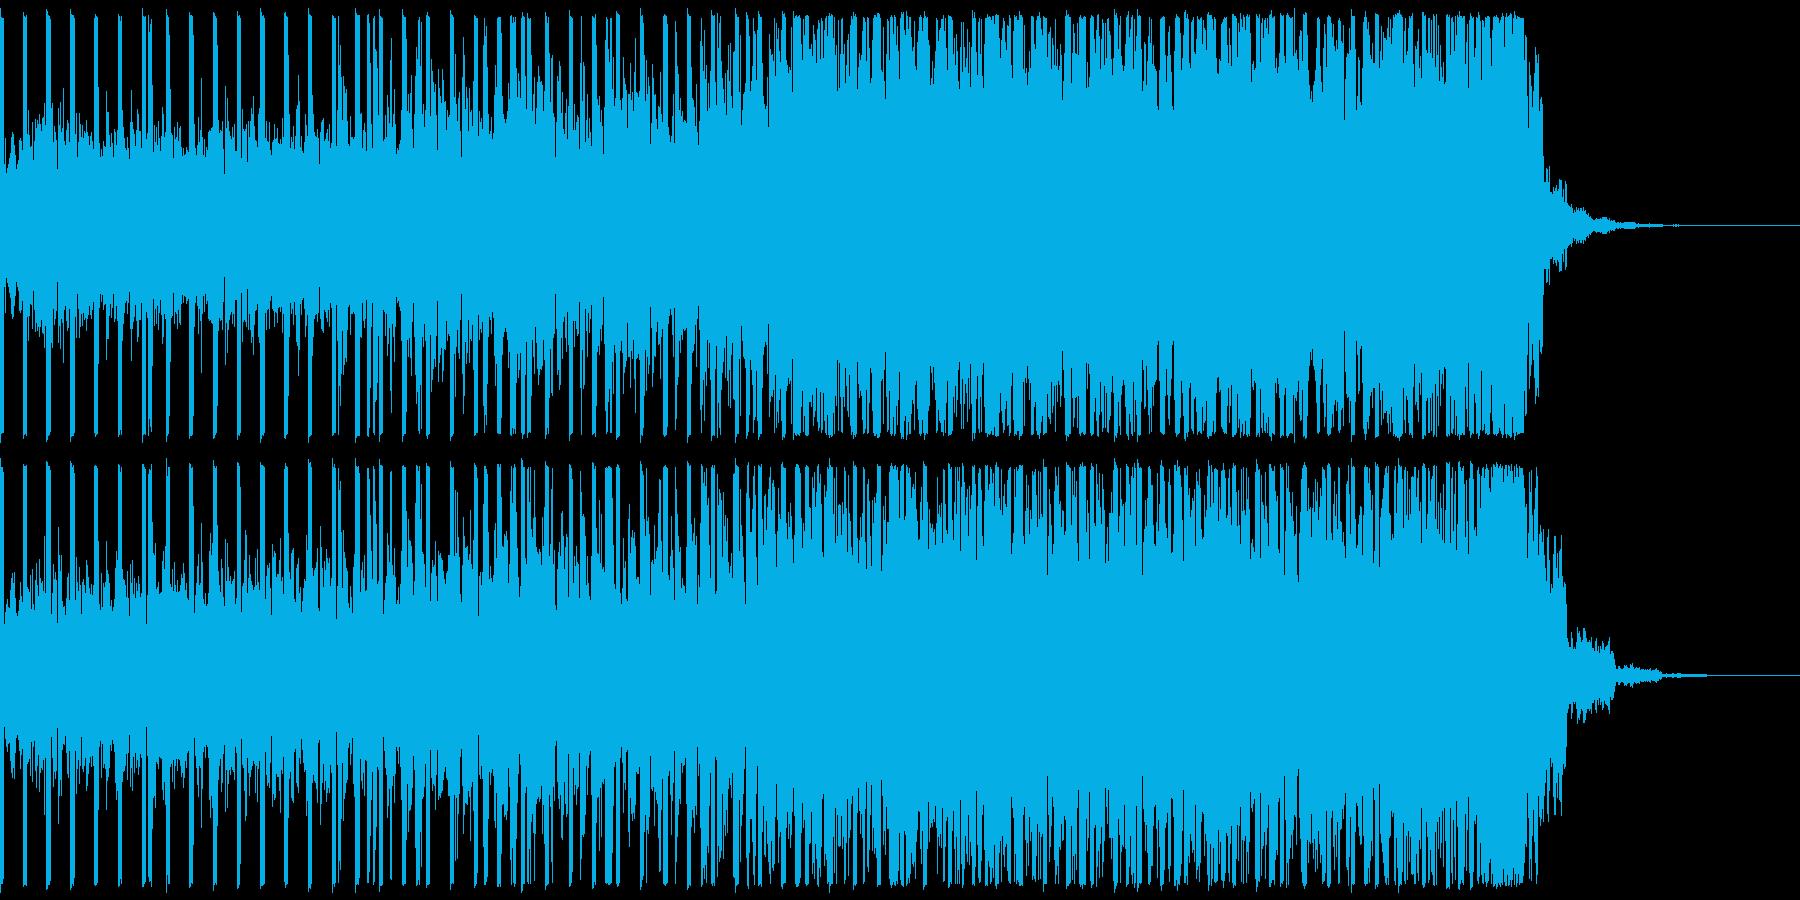 EDM、サイバー系ゲーム等、ショート②の再生済みの波形